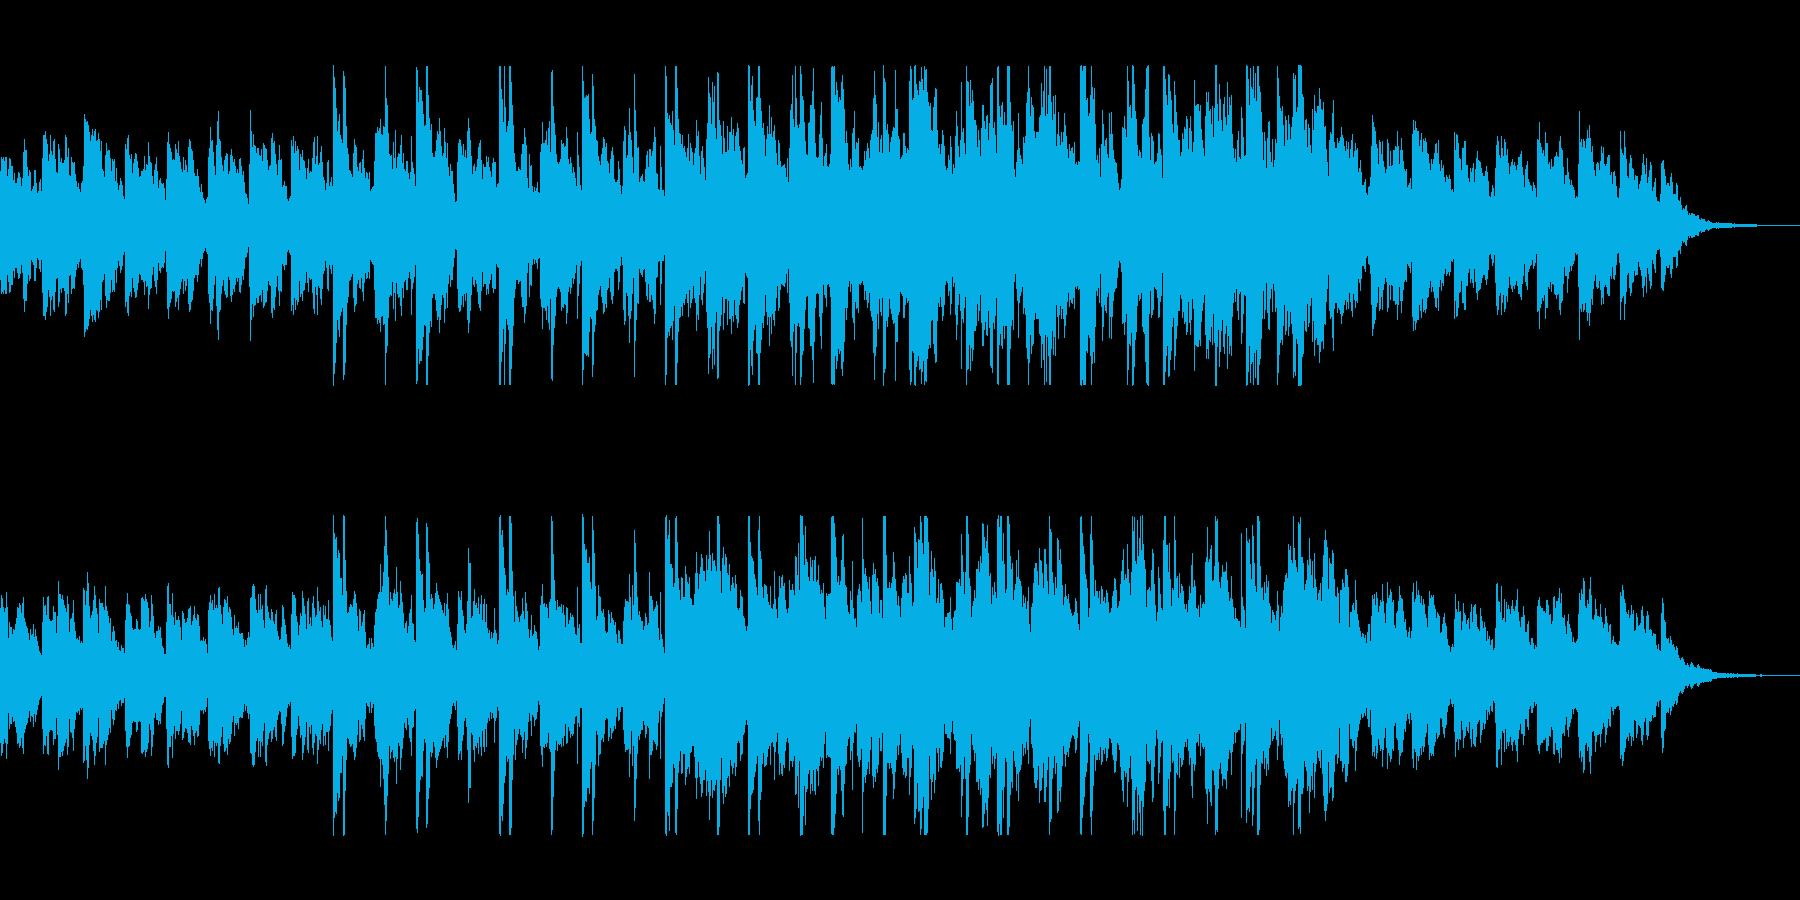 異世界感を放つ癒しのピアノバラードの再生済みの波形